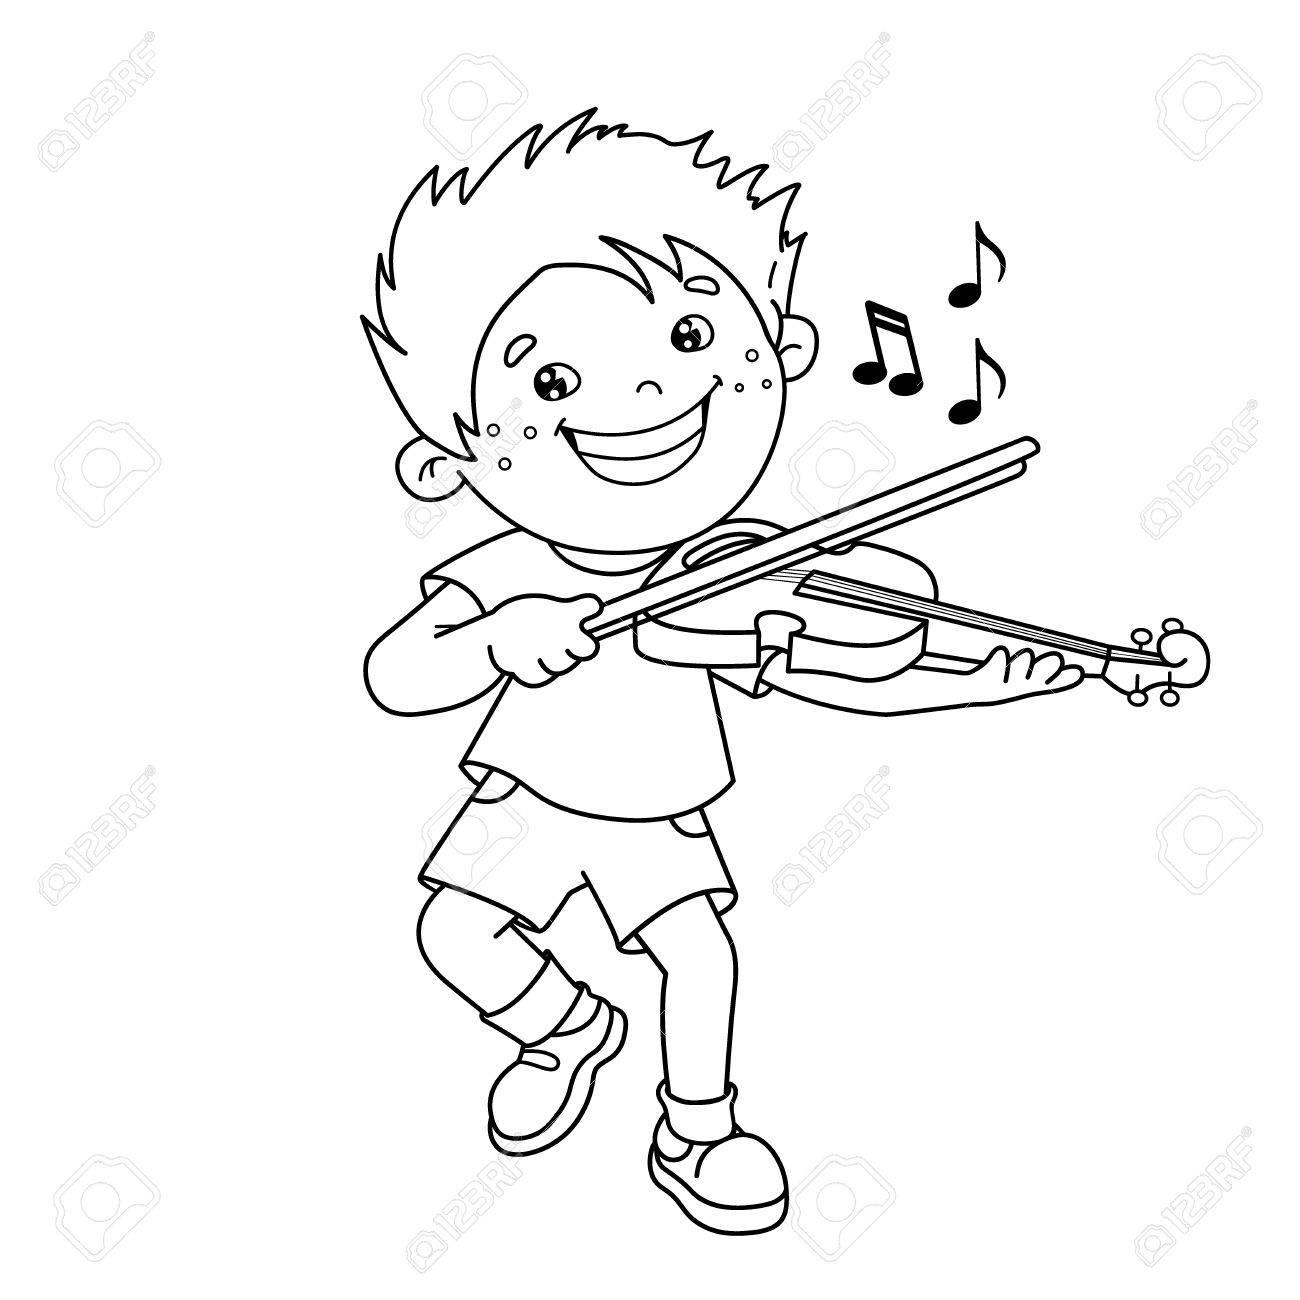 Página Para Colorear Esquema De Niño De Dibujos Animados Tocando El Violín Instrumentos Musicales Libro De Colorear Para Niños